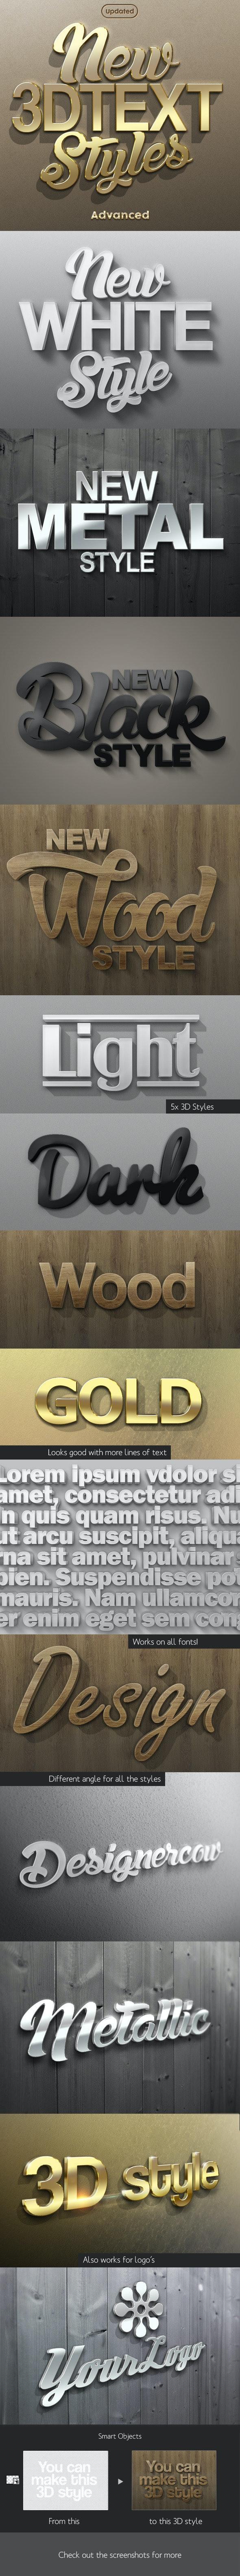 New 3D Text Styles Advanced - Styles Photoshop